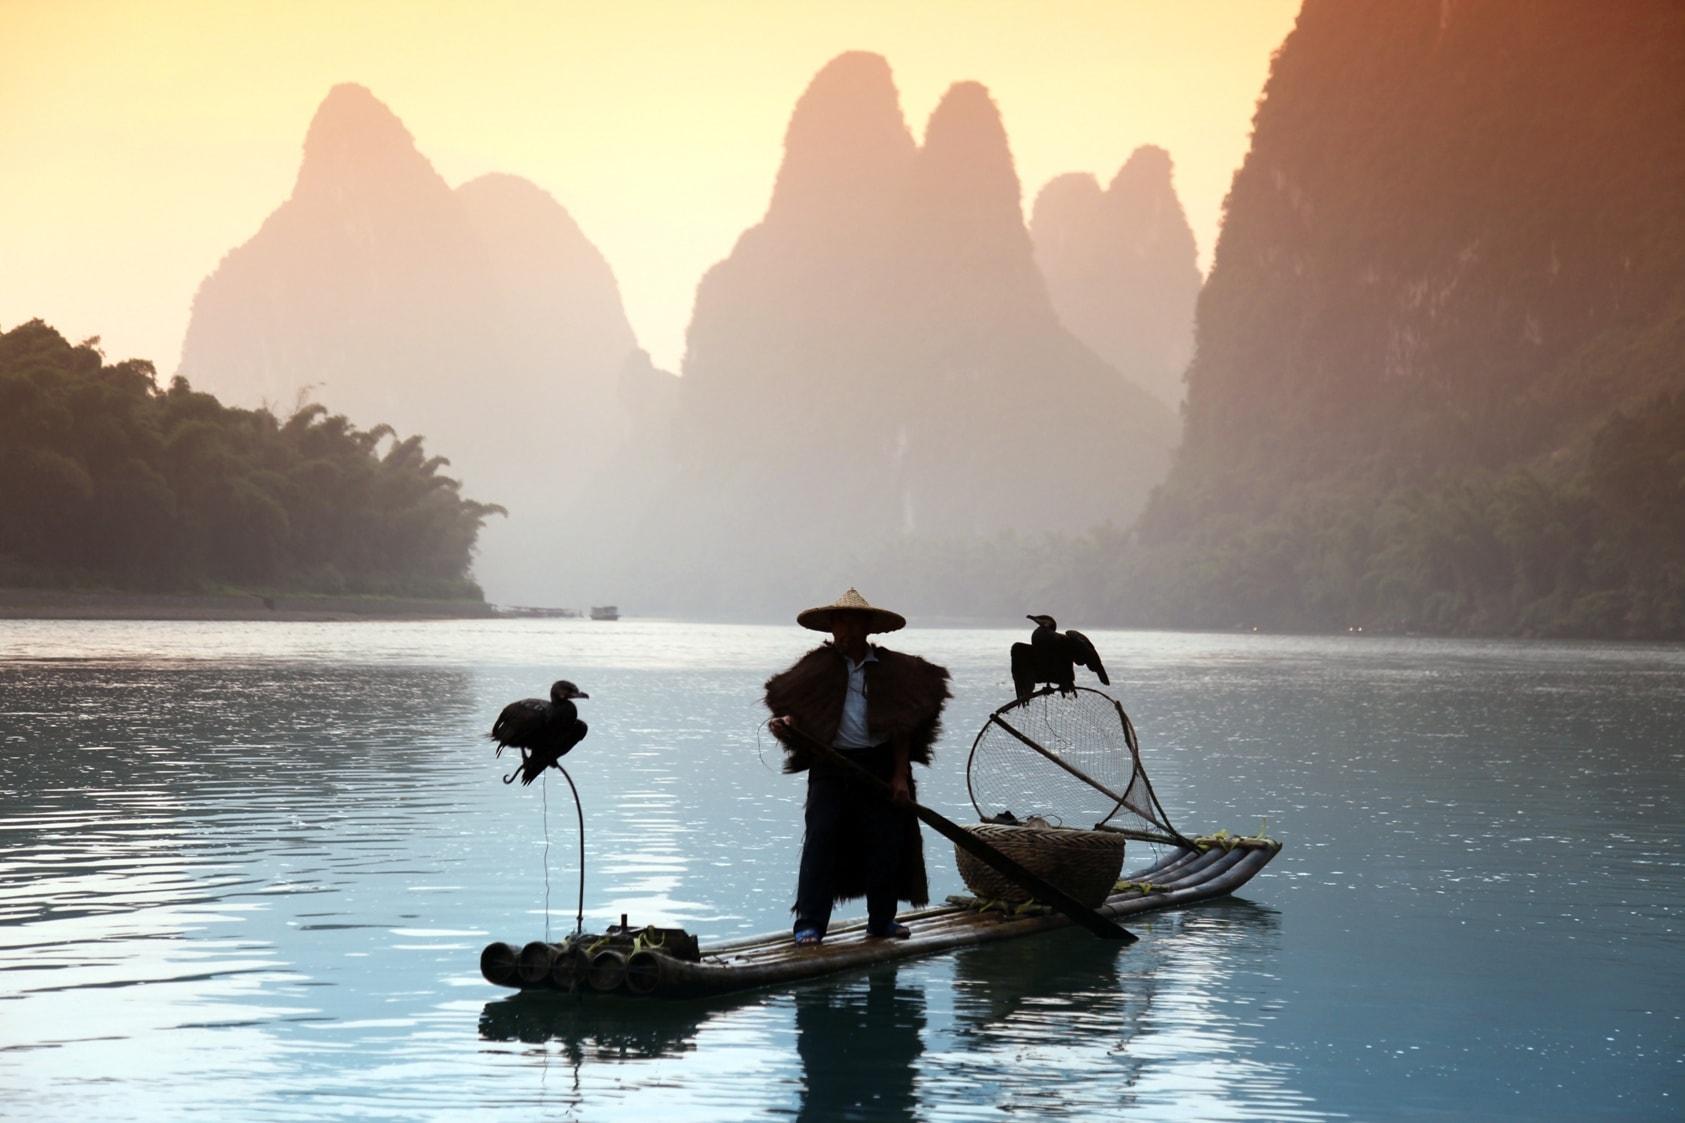 Fischer auf dem Li Fluss in Yangshuo bei Guilin, China